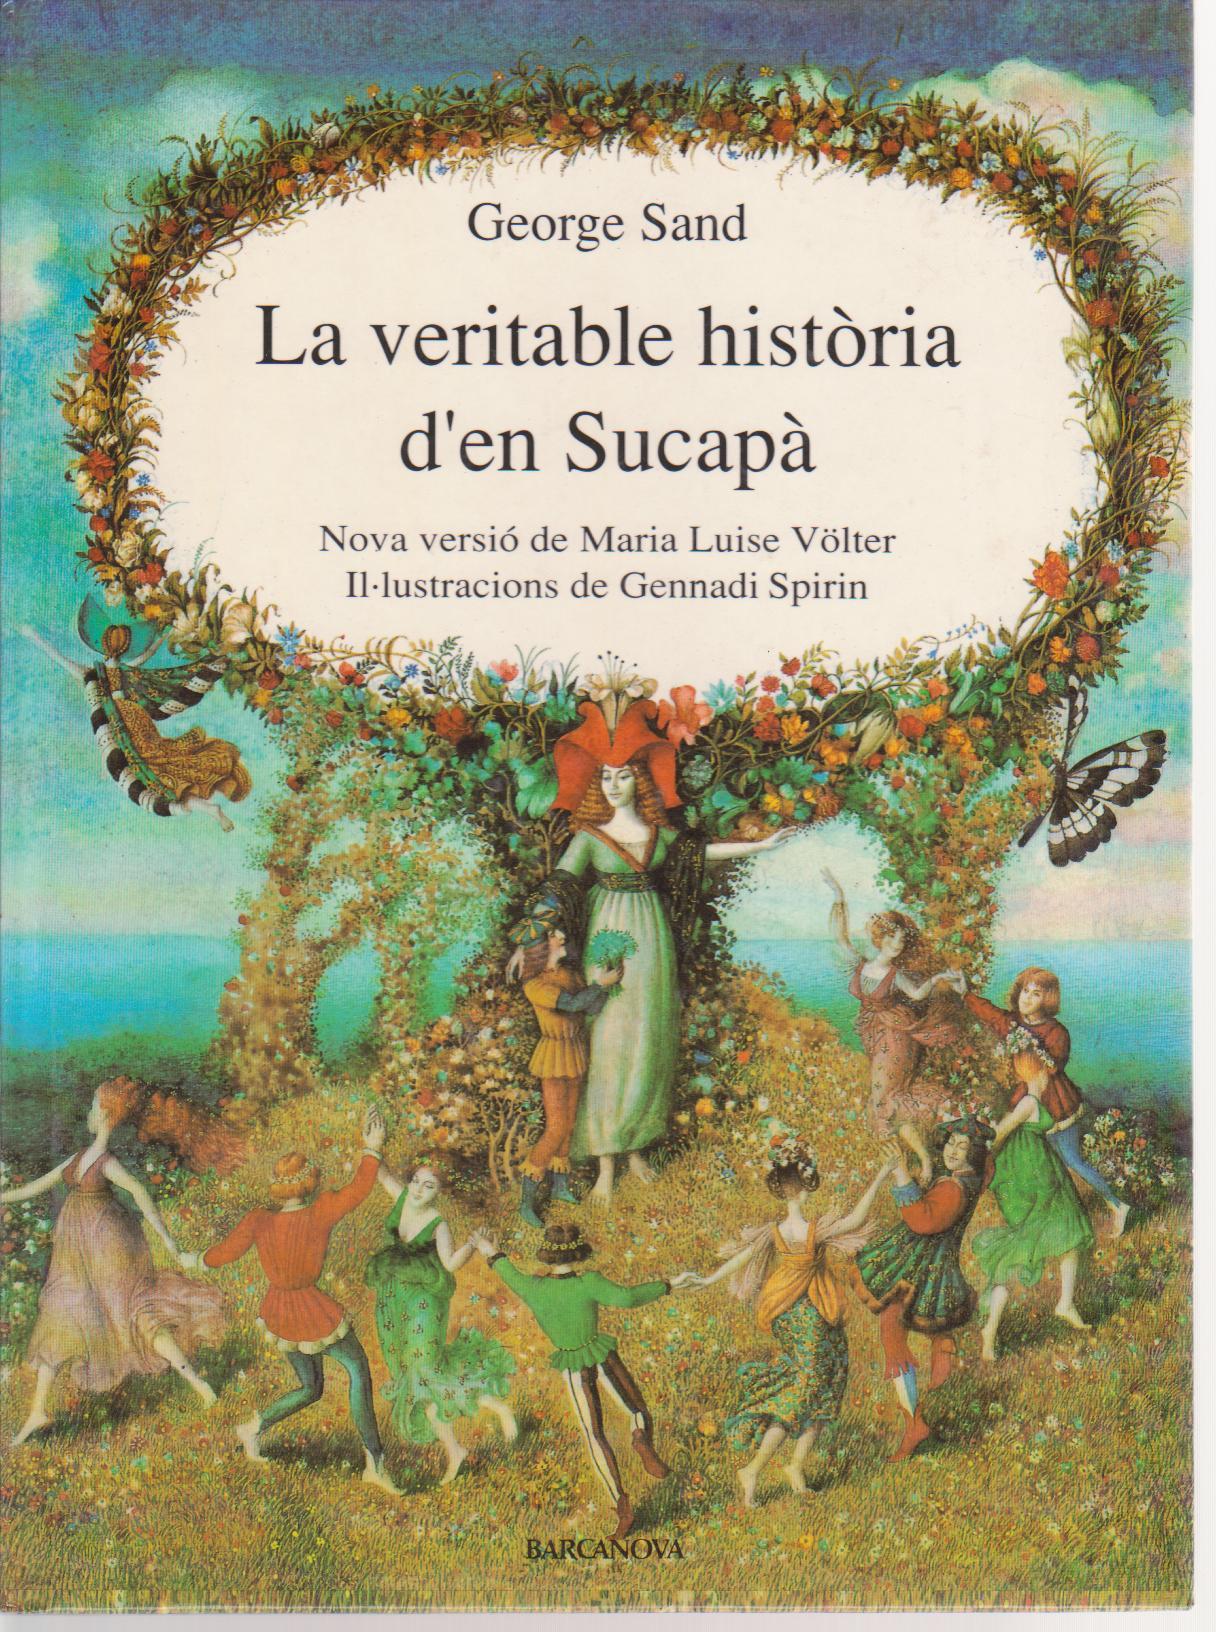 La veritable història d'en Sucapà